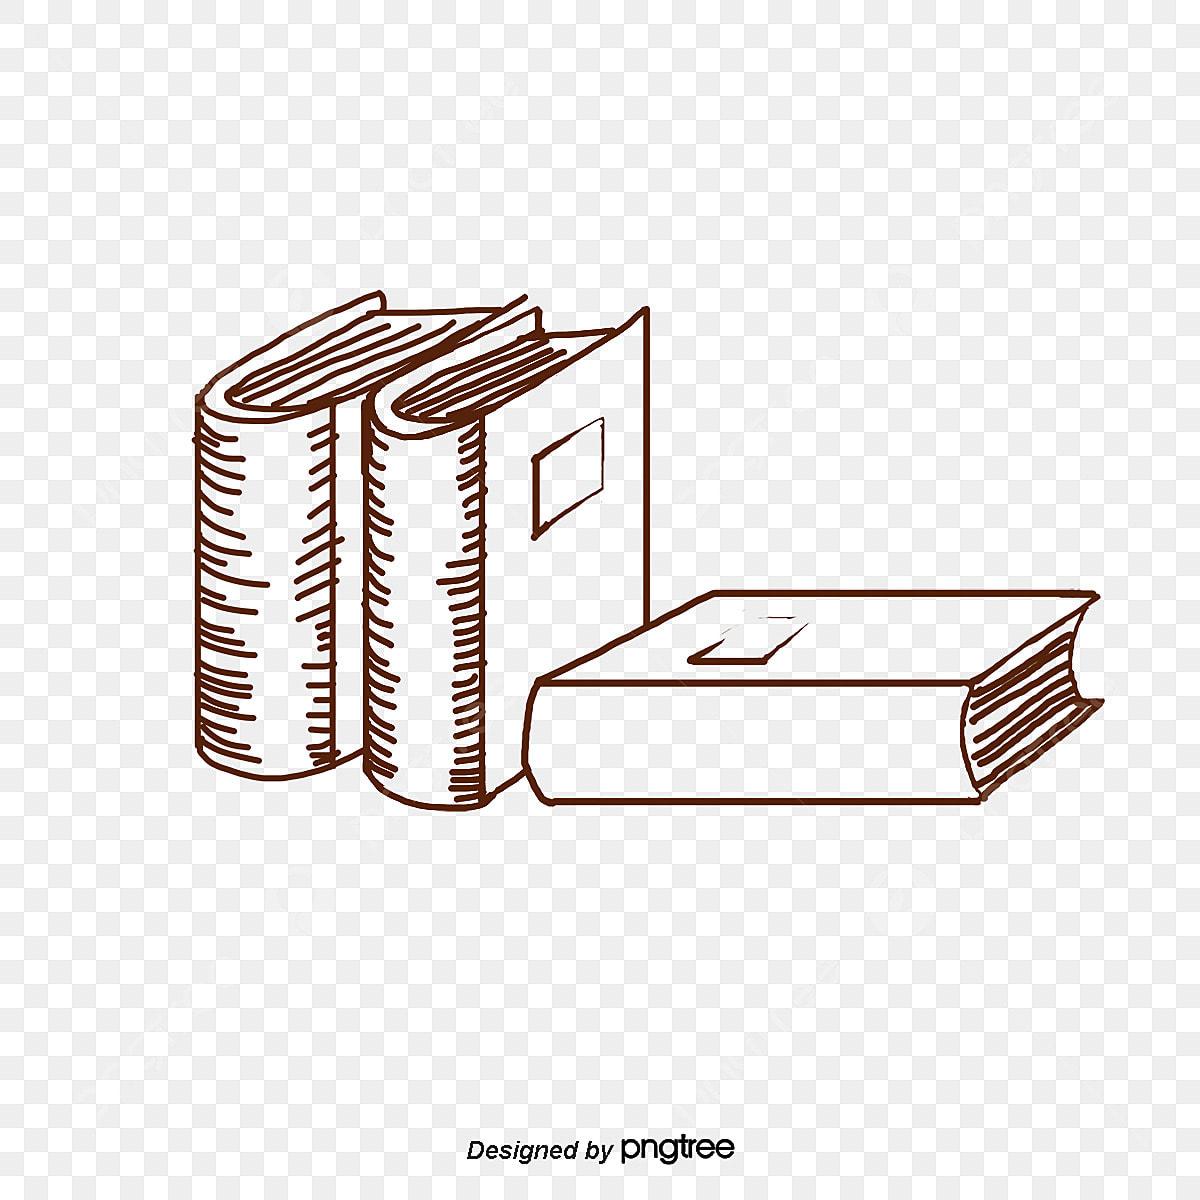 Vector Dibujado A Mano Libros En Blanco Y Negro Libros De Dibujos Animados En Blanco Y Negro Libro Album Estilo De Dibujos Animados Album Png Y Psd Para Descargar Gratis Pngtree